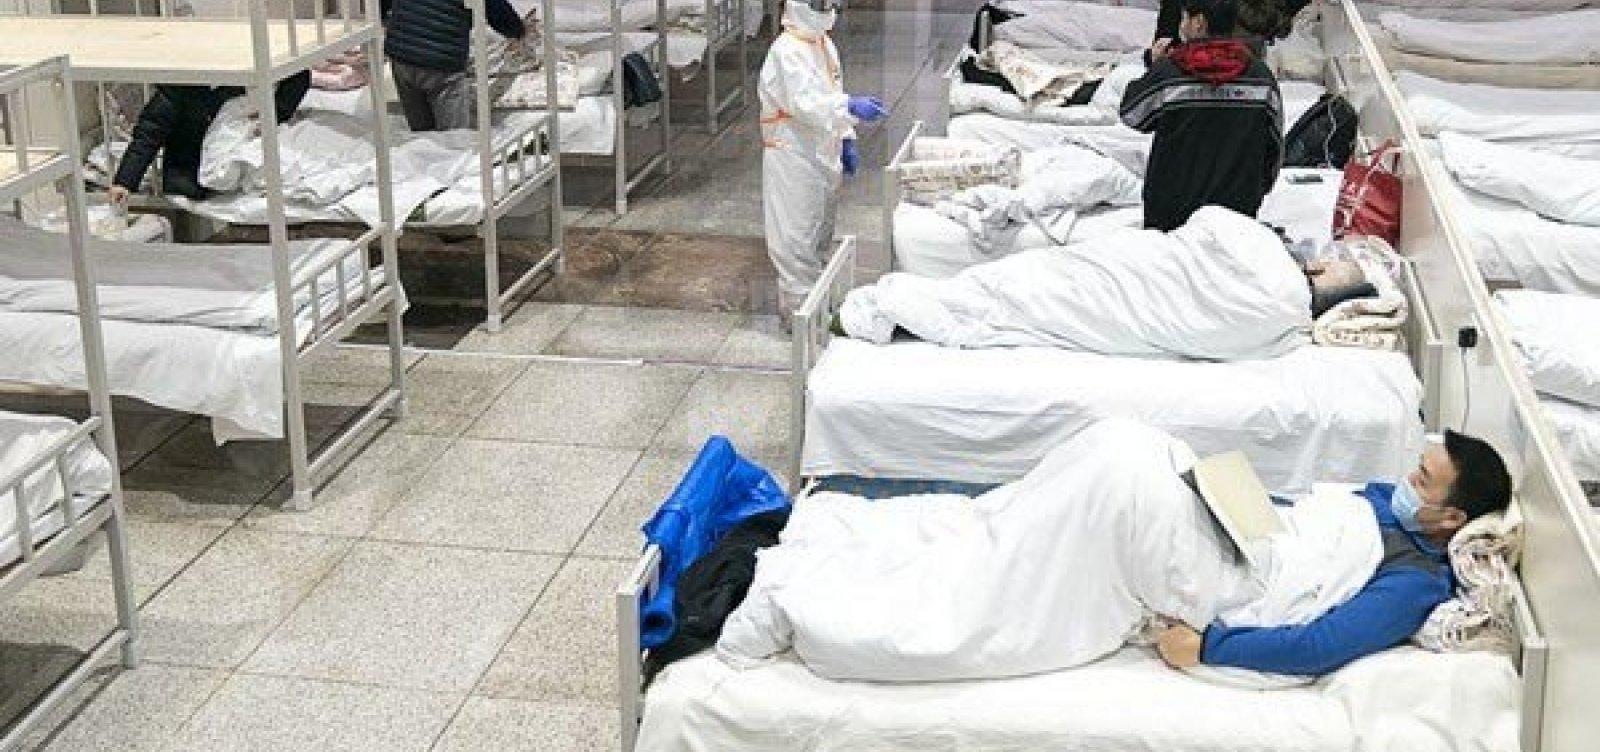 [Diretor de hospital em Wuhan, na China, morre por novo coronavírus, diz jornal estatal chinês]